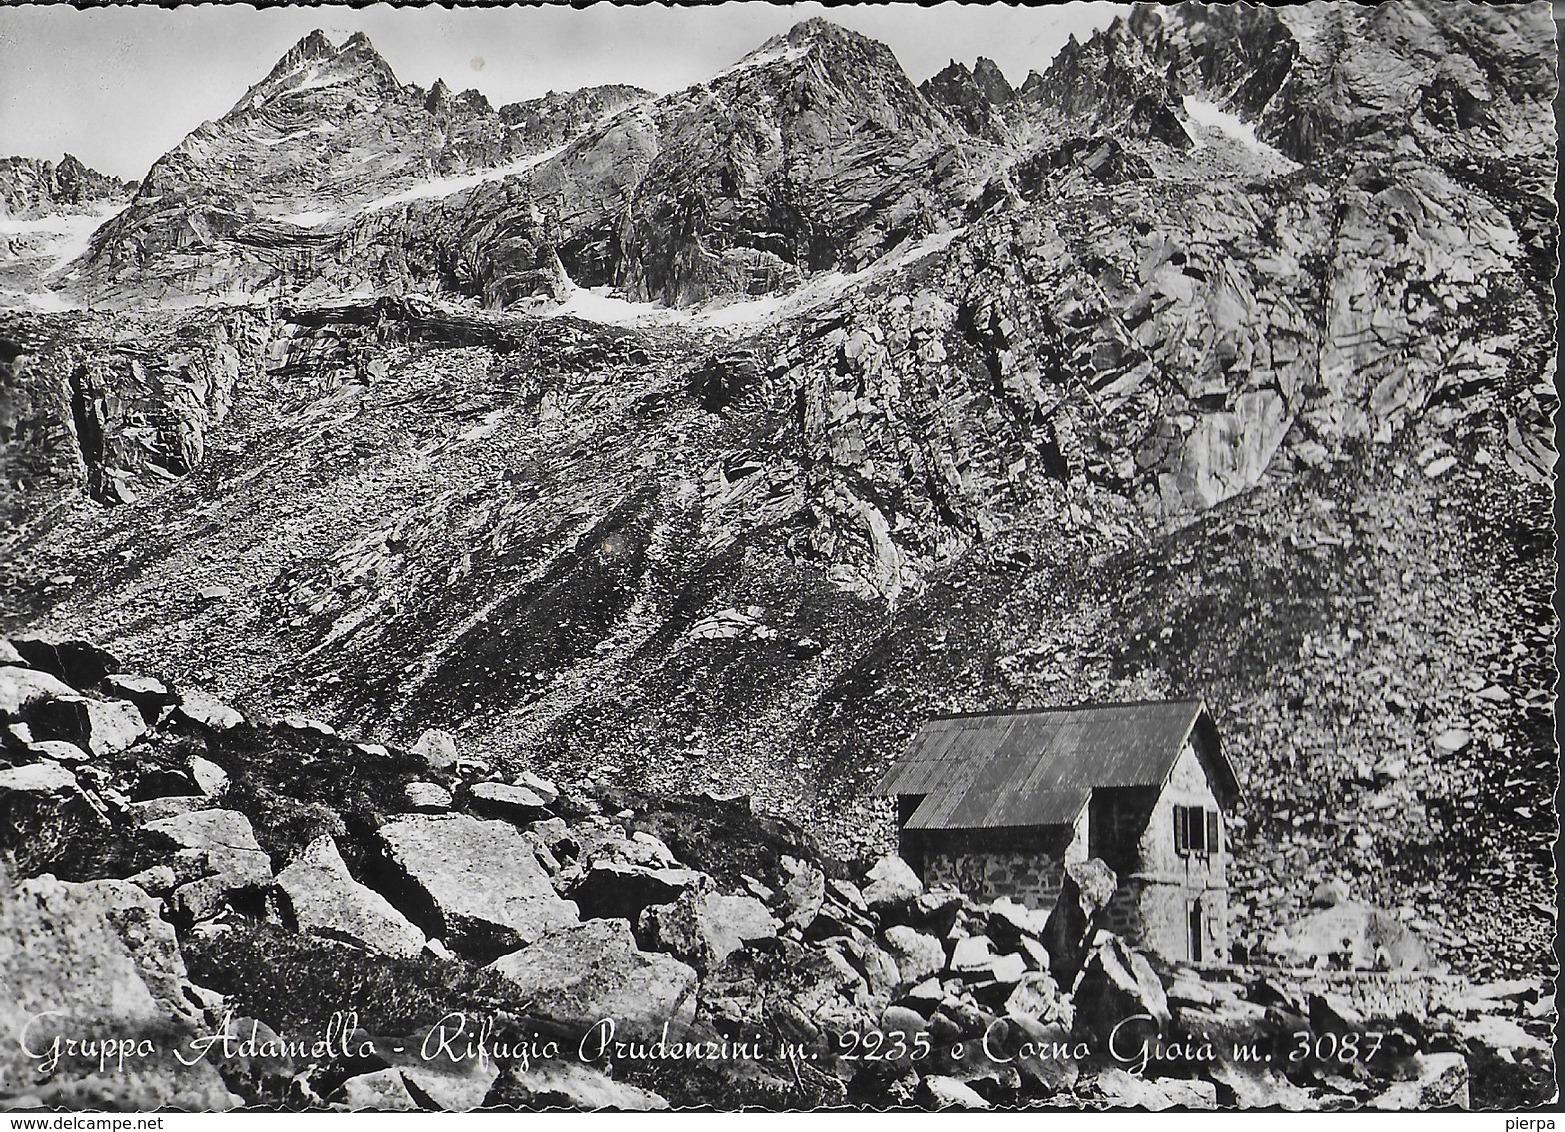 GRUPPO ADAMELLO - RIFUGIO PRUDENZINI E CORNO GIOIA - EDIZ. MICHELETTI BRESCIA - CAI SEZ. BRESCIA - NUOVA - Alpinisme